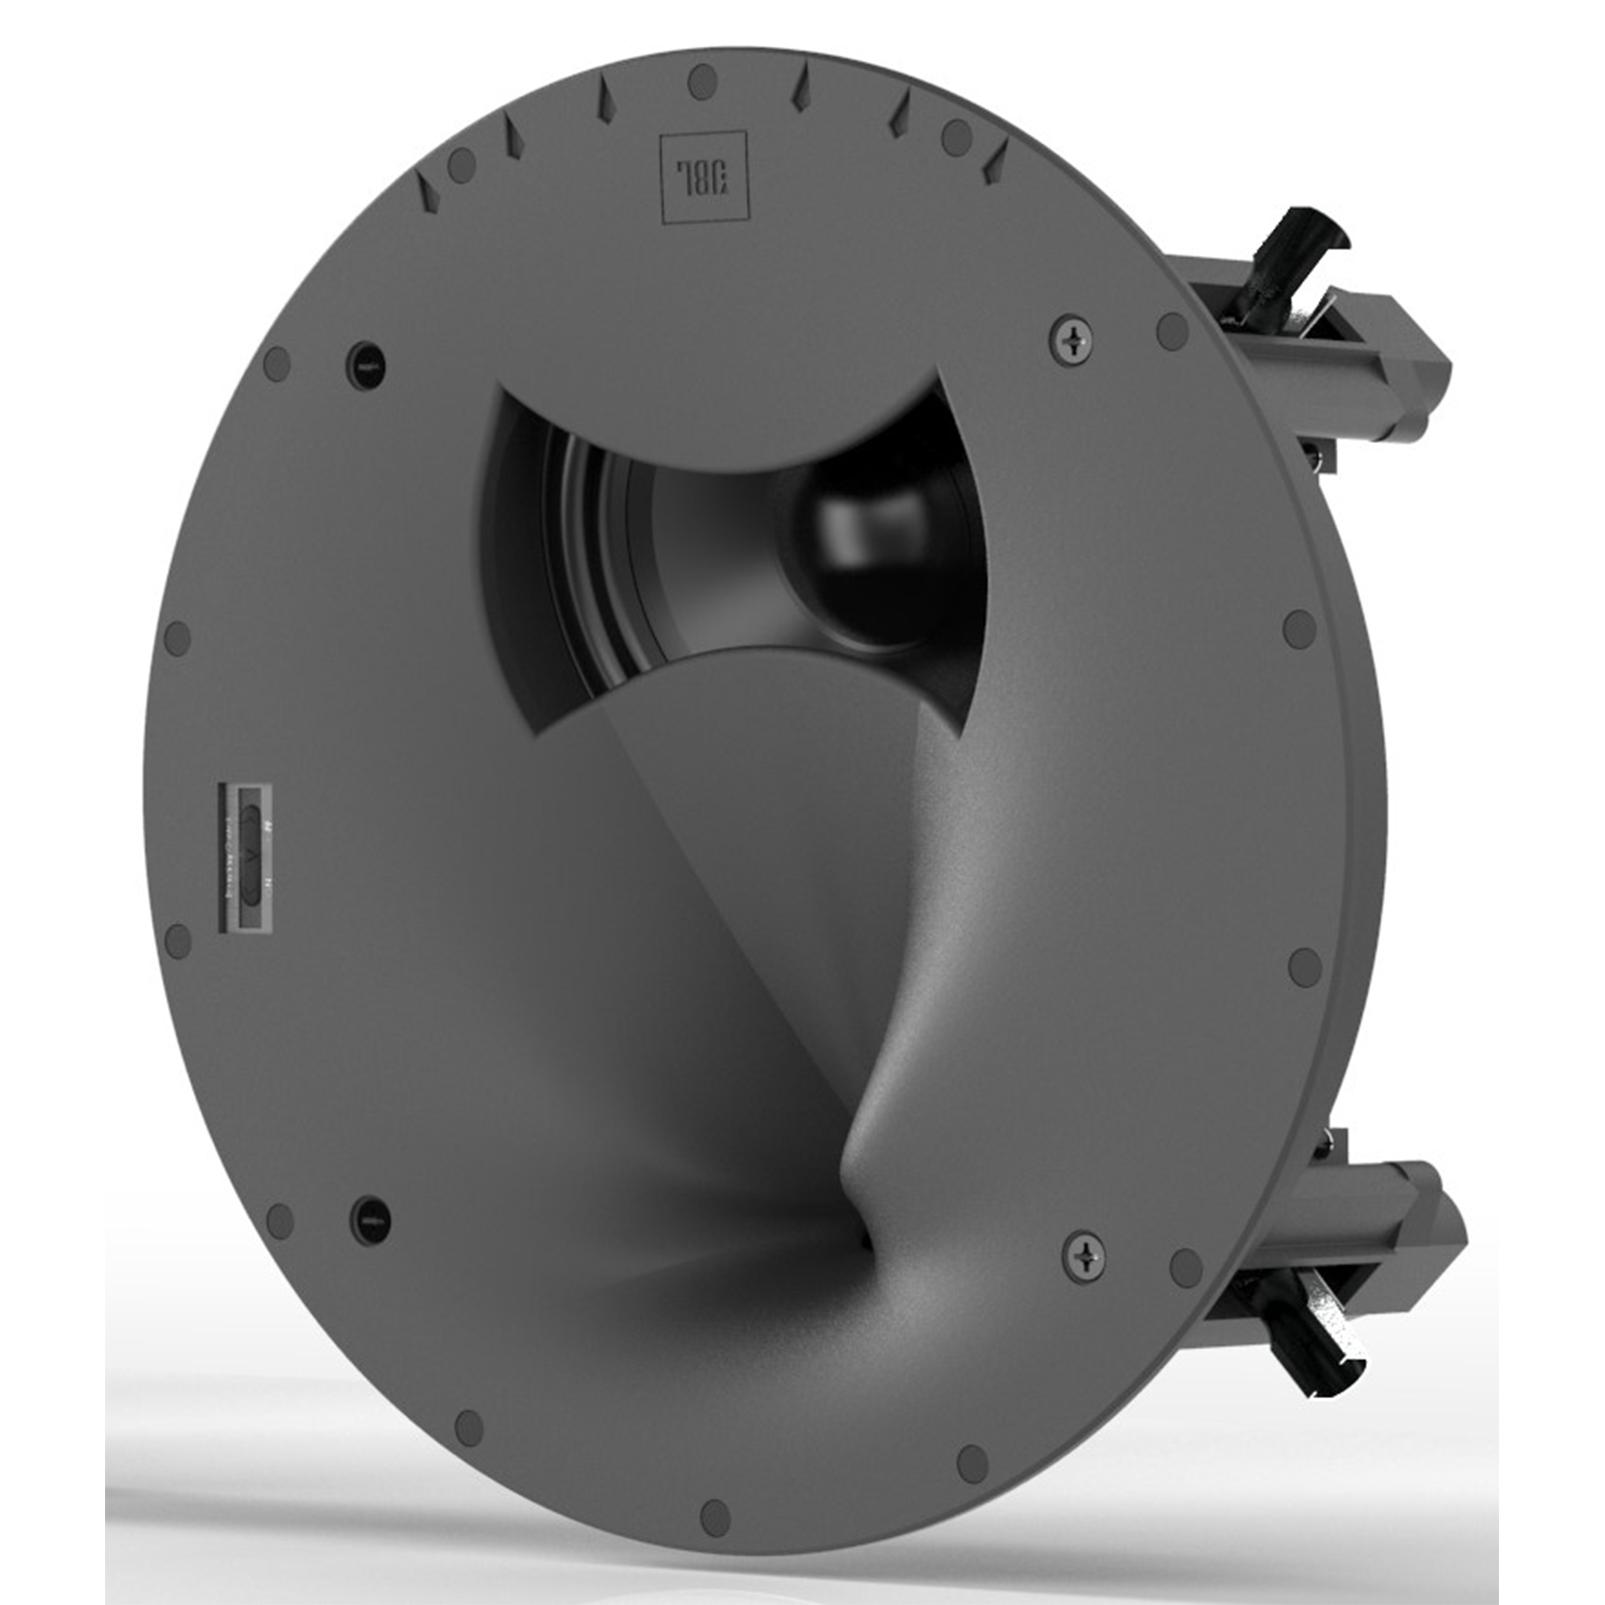 SCL-8 - Black - 2-Way 5.25-inch (130mm) In-Ceiling Loudspeaker - Hero